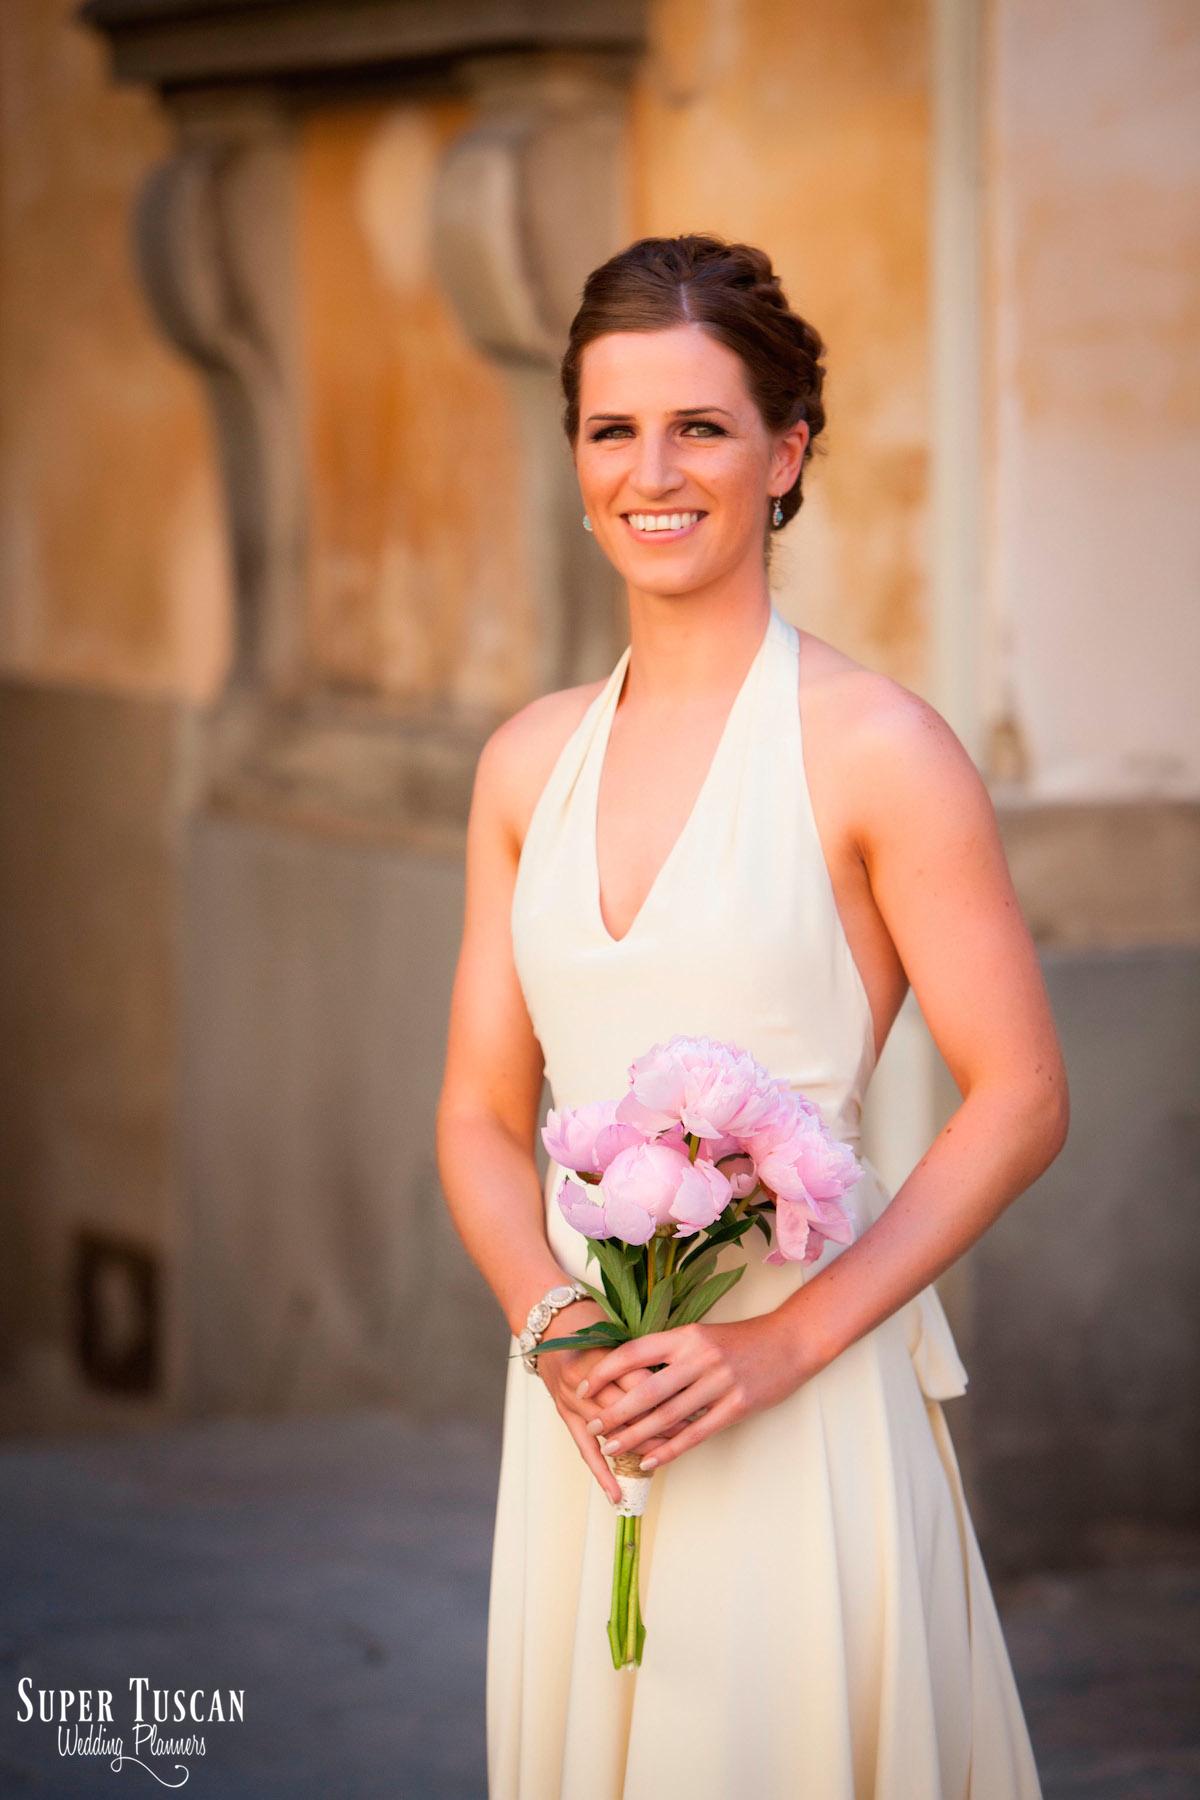 06Wedding in italy - civil ceremony